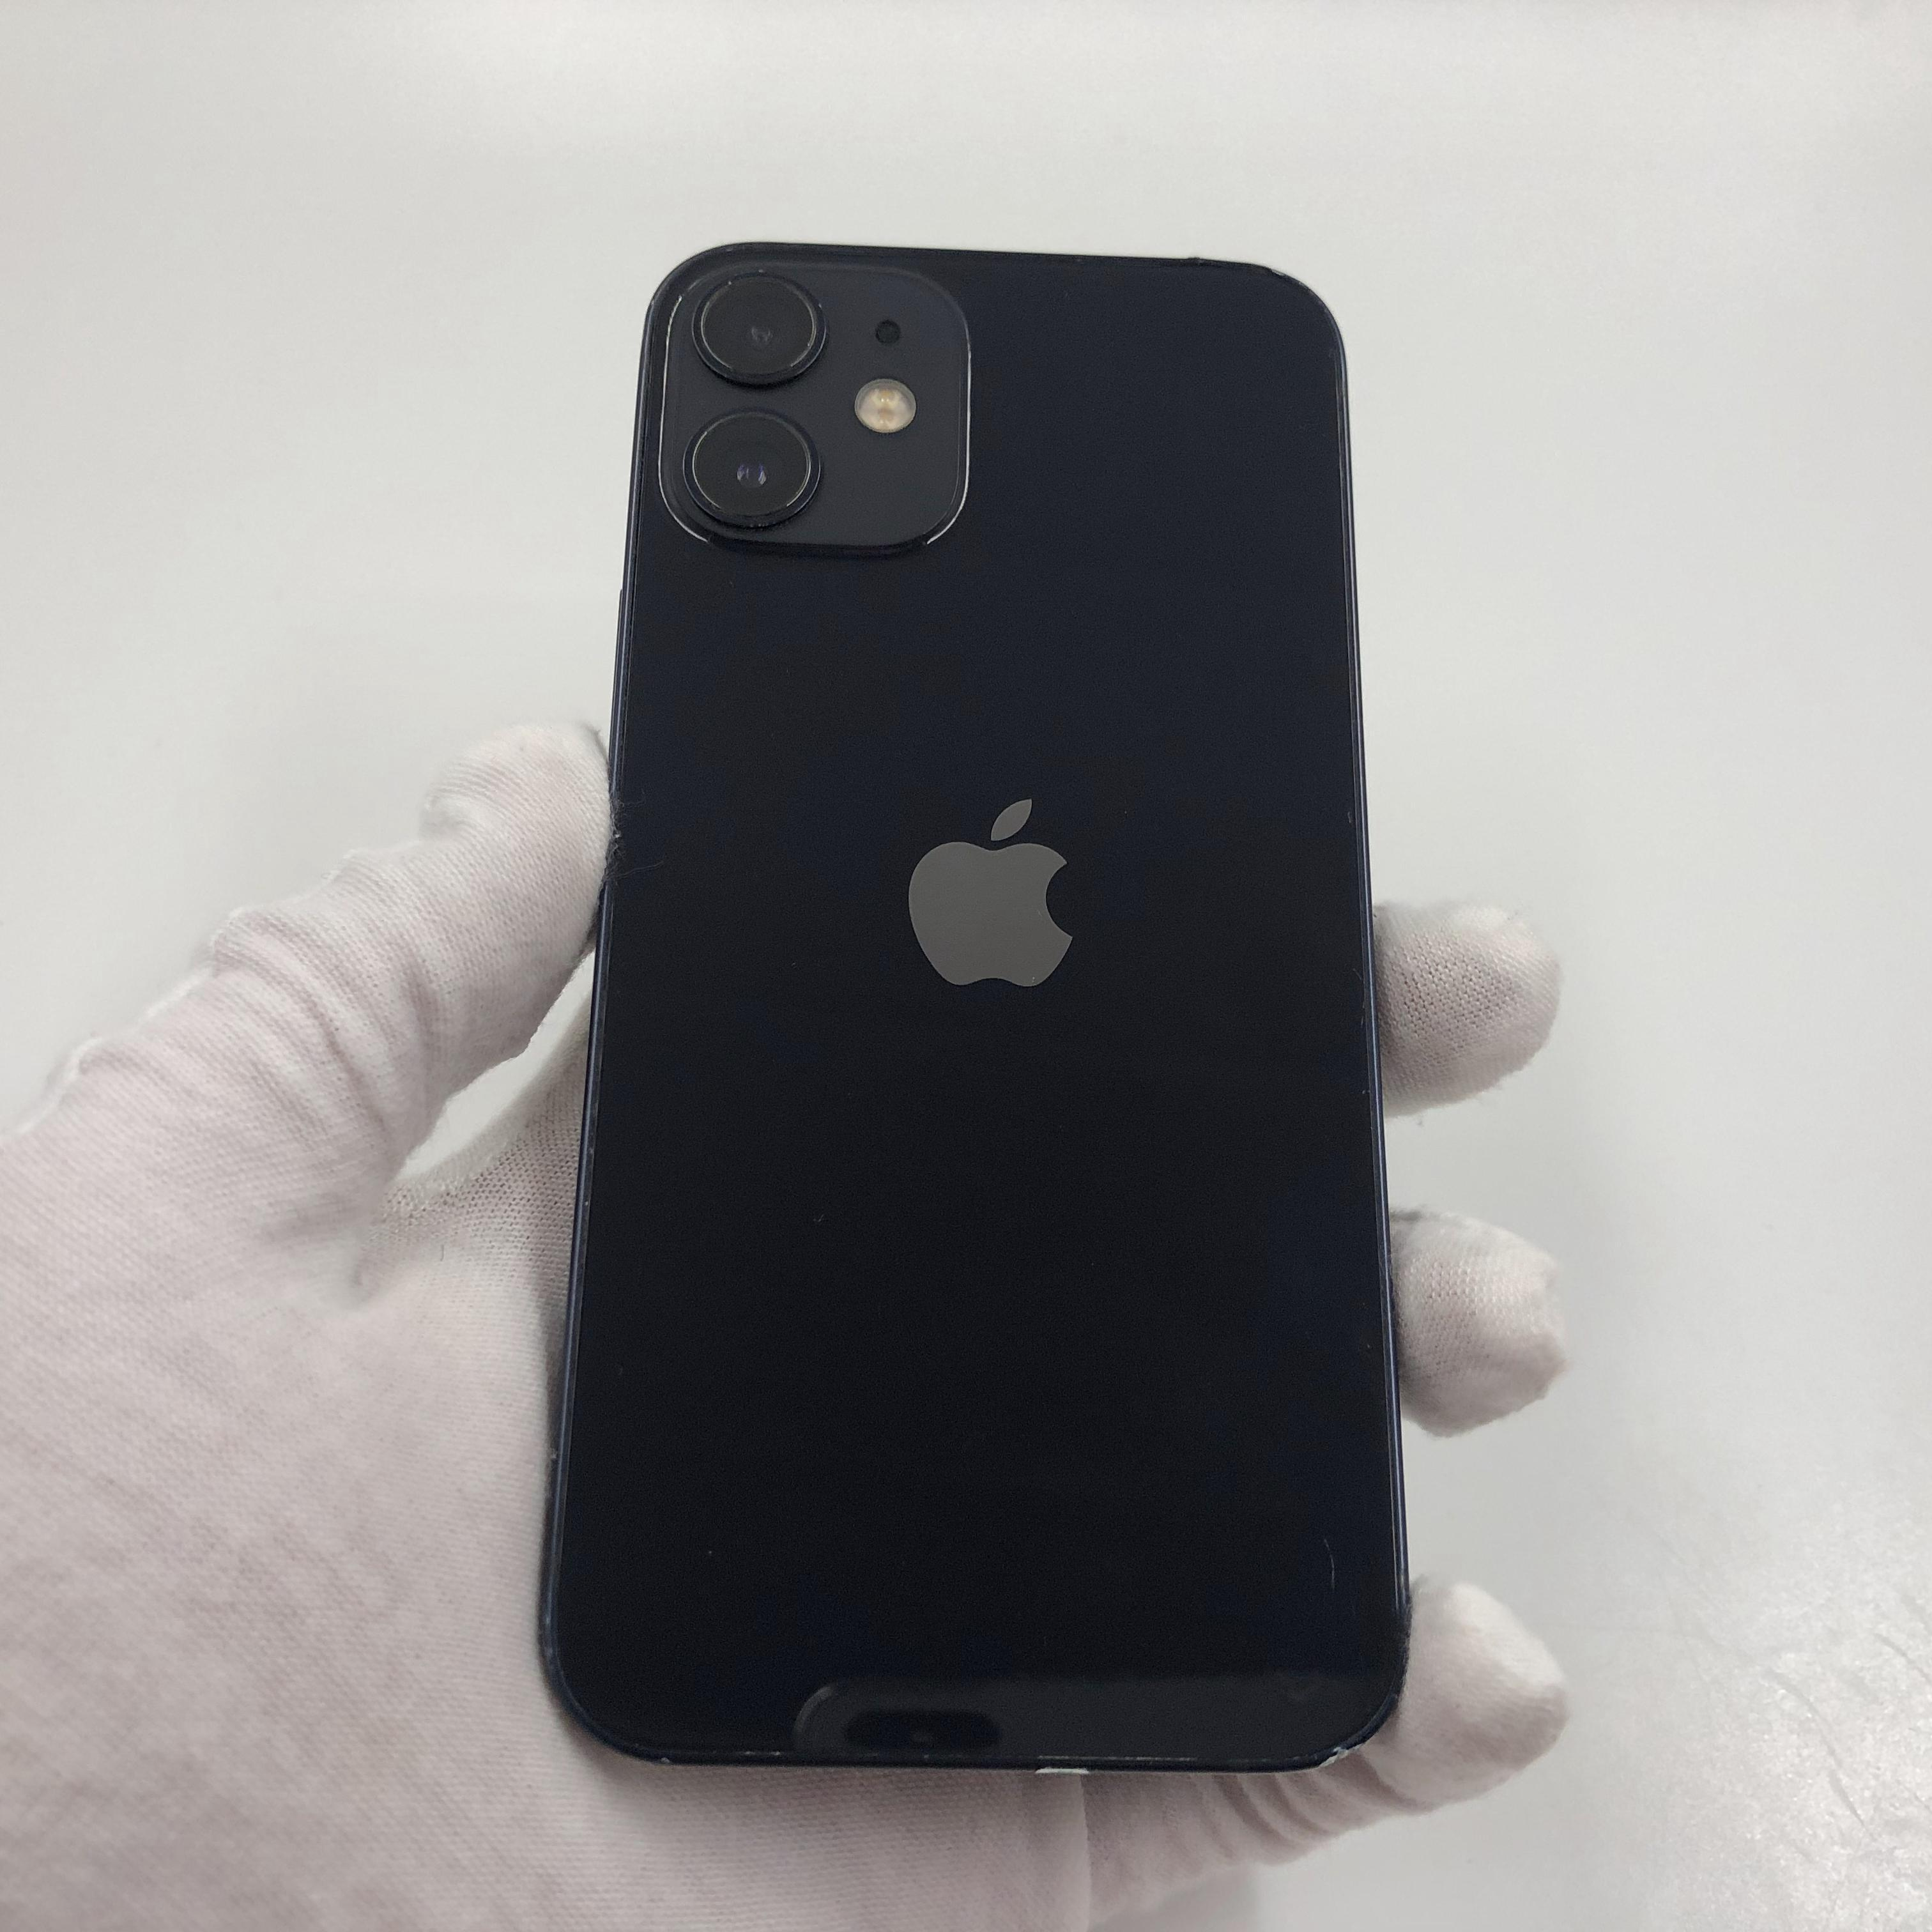 苹果【iPhone 12 mini】5G全网通 黑色 64G 国行 9成新 真机实拍官保2021-11-18